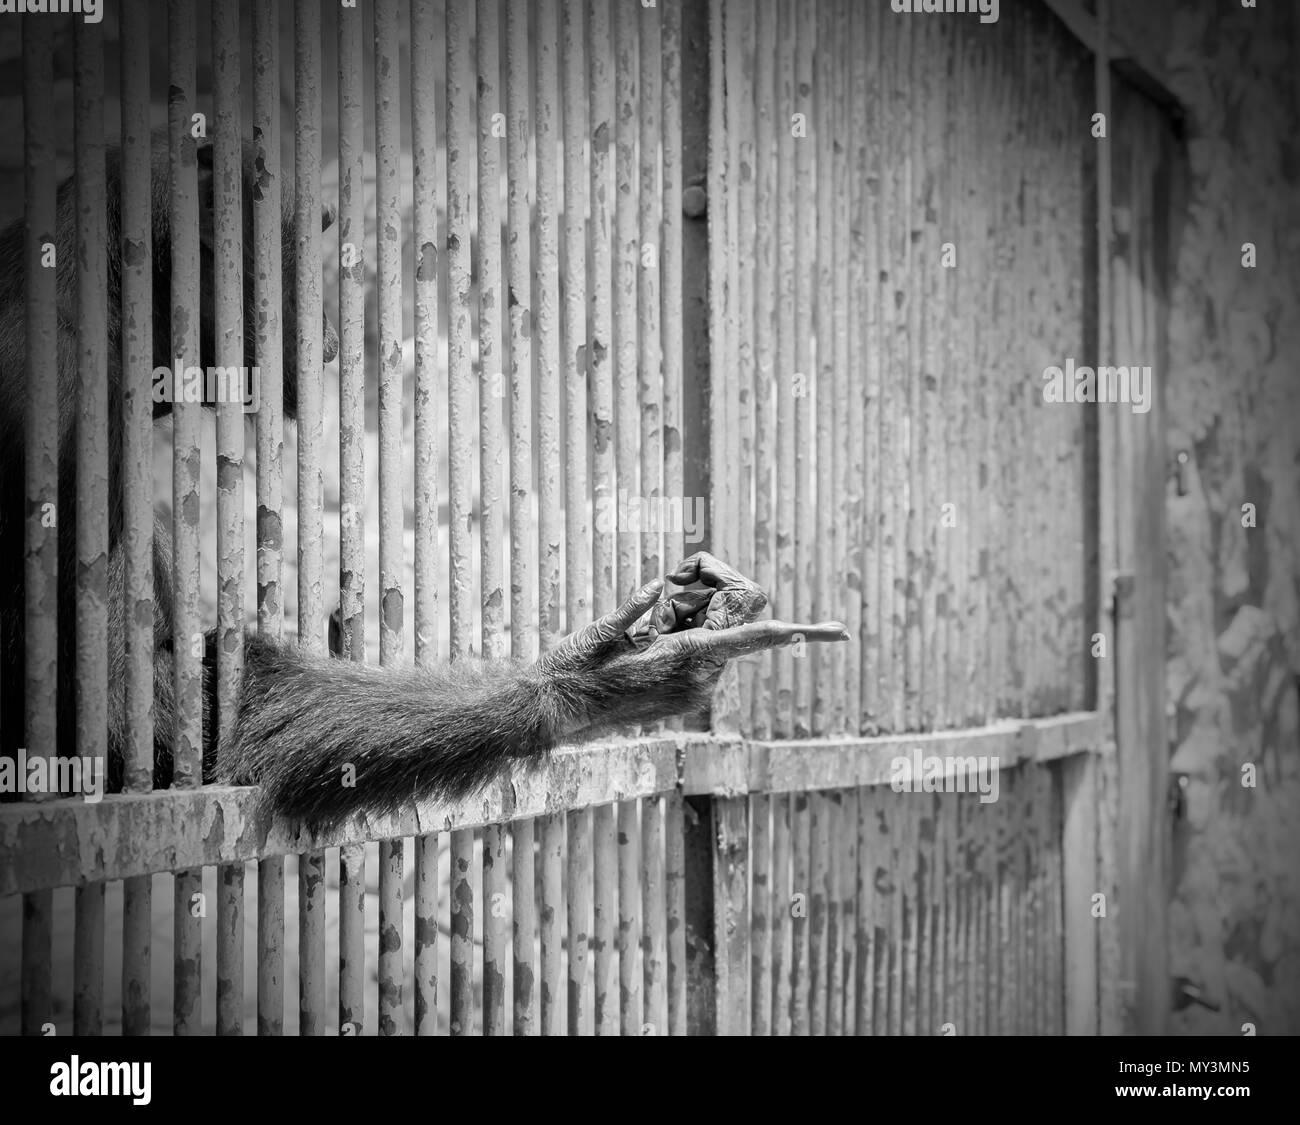 Brazo extendido del mono de la jaula. Tonos de blanco y negro. El problema del comercio ilegal de vida silvestre. Imagen De Stock